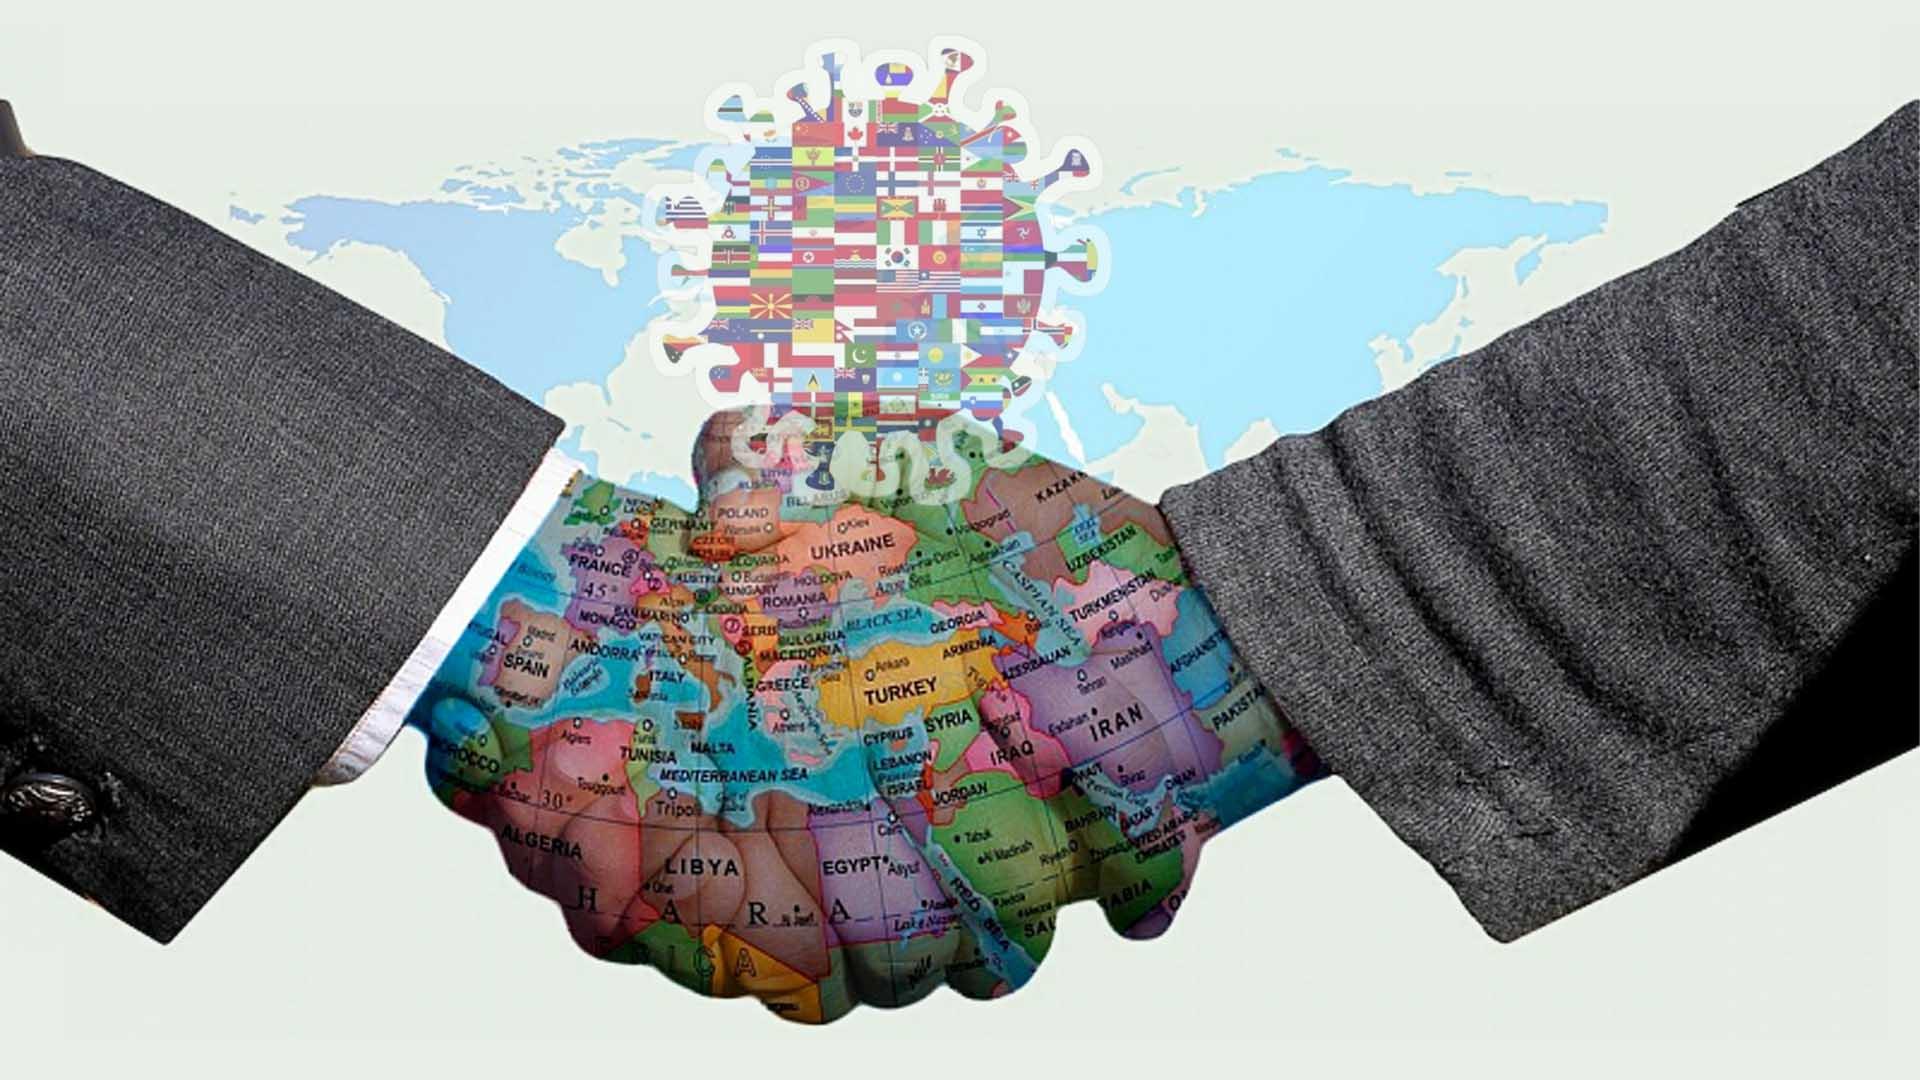 """العمل الدبلوماسي والعلاقات الدولية: بين المخاطر التقليدية والمخاطر المحدثة بعد """"كورونا"""""""